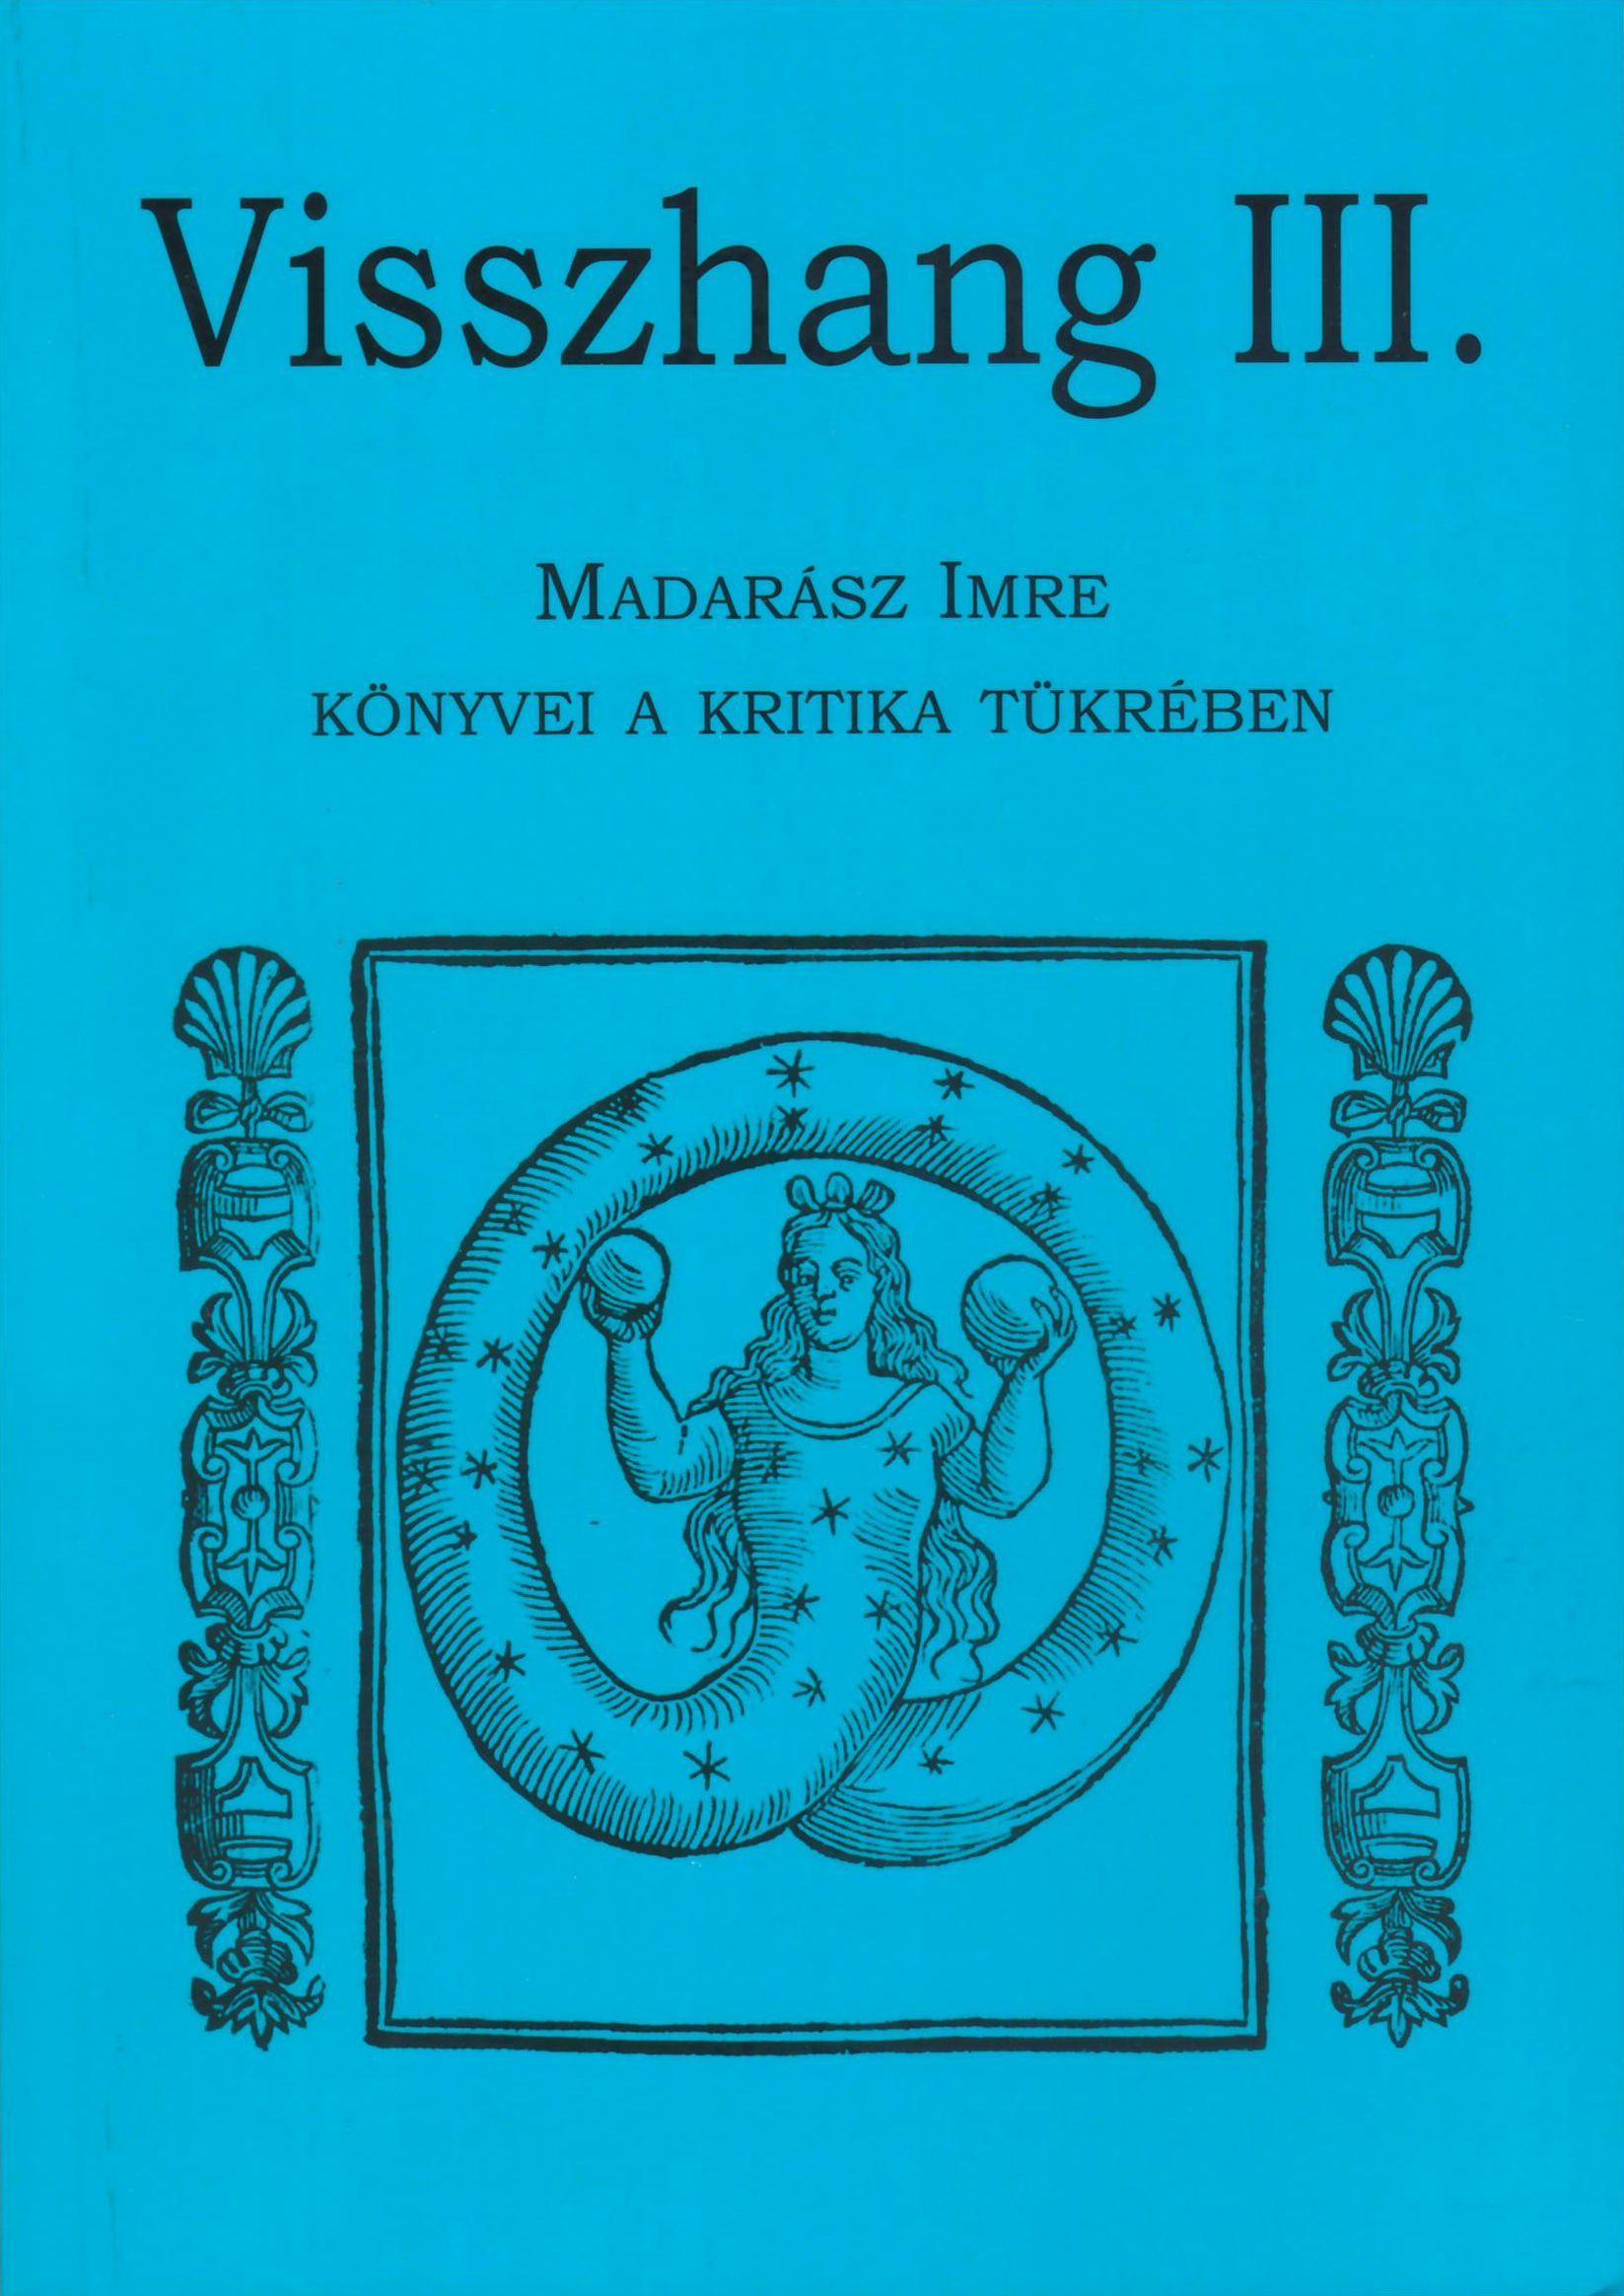 VISSZHANG III. MADARÁSZ IMRE KÖNYVEI A KRITIKA TÜKRÉBEN